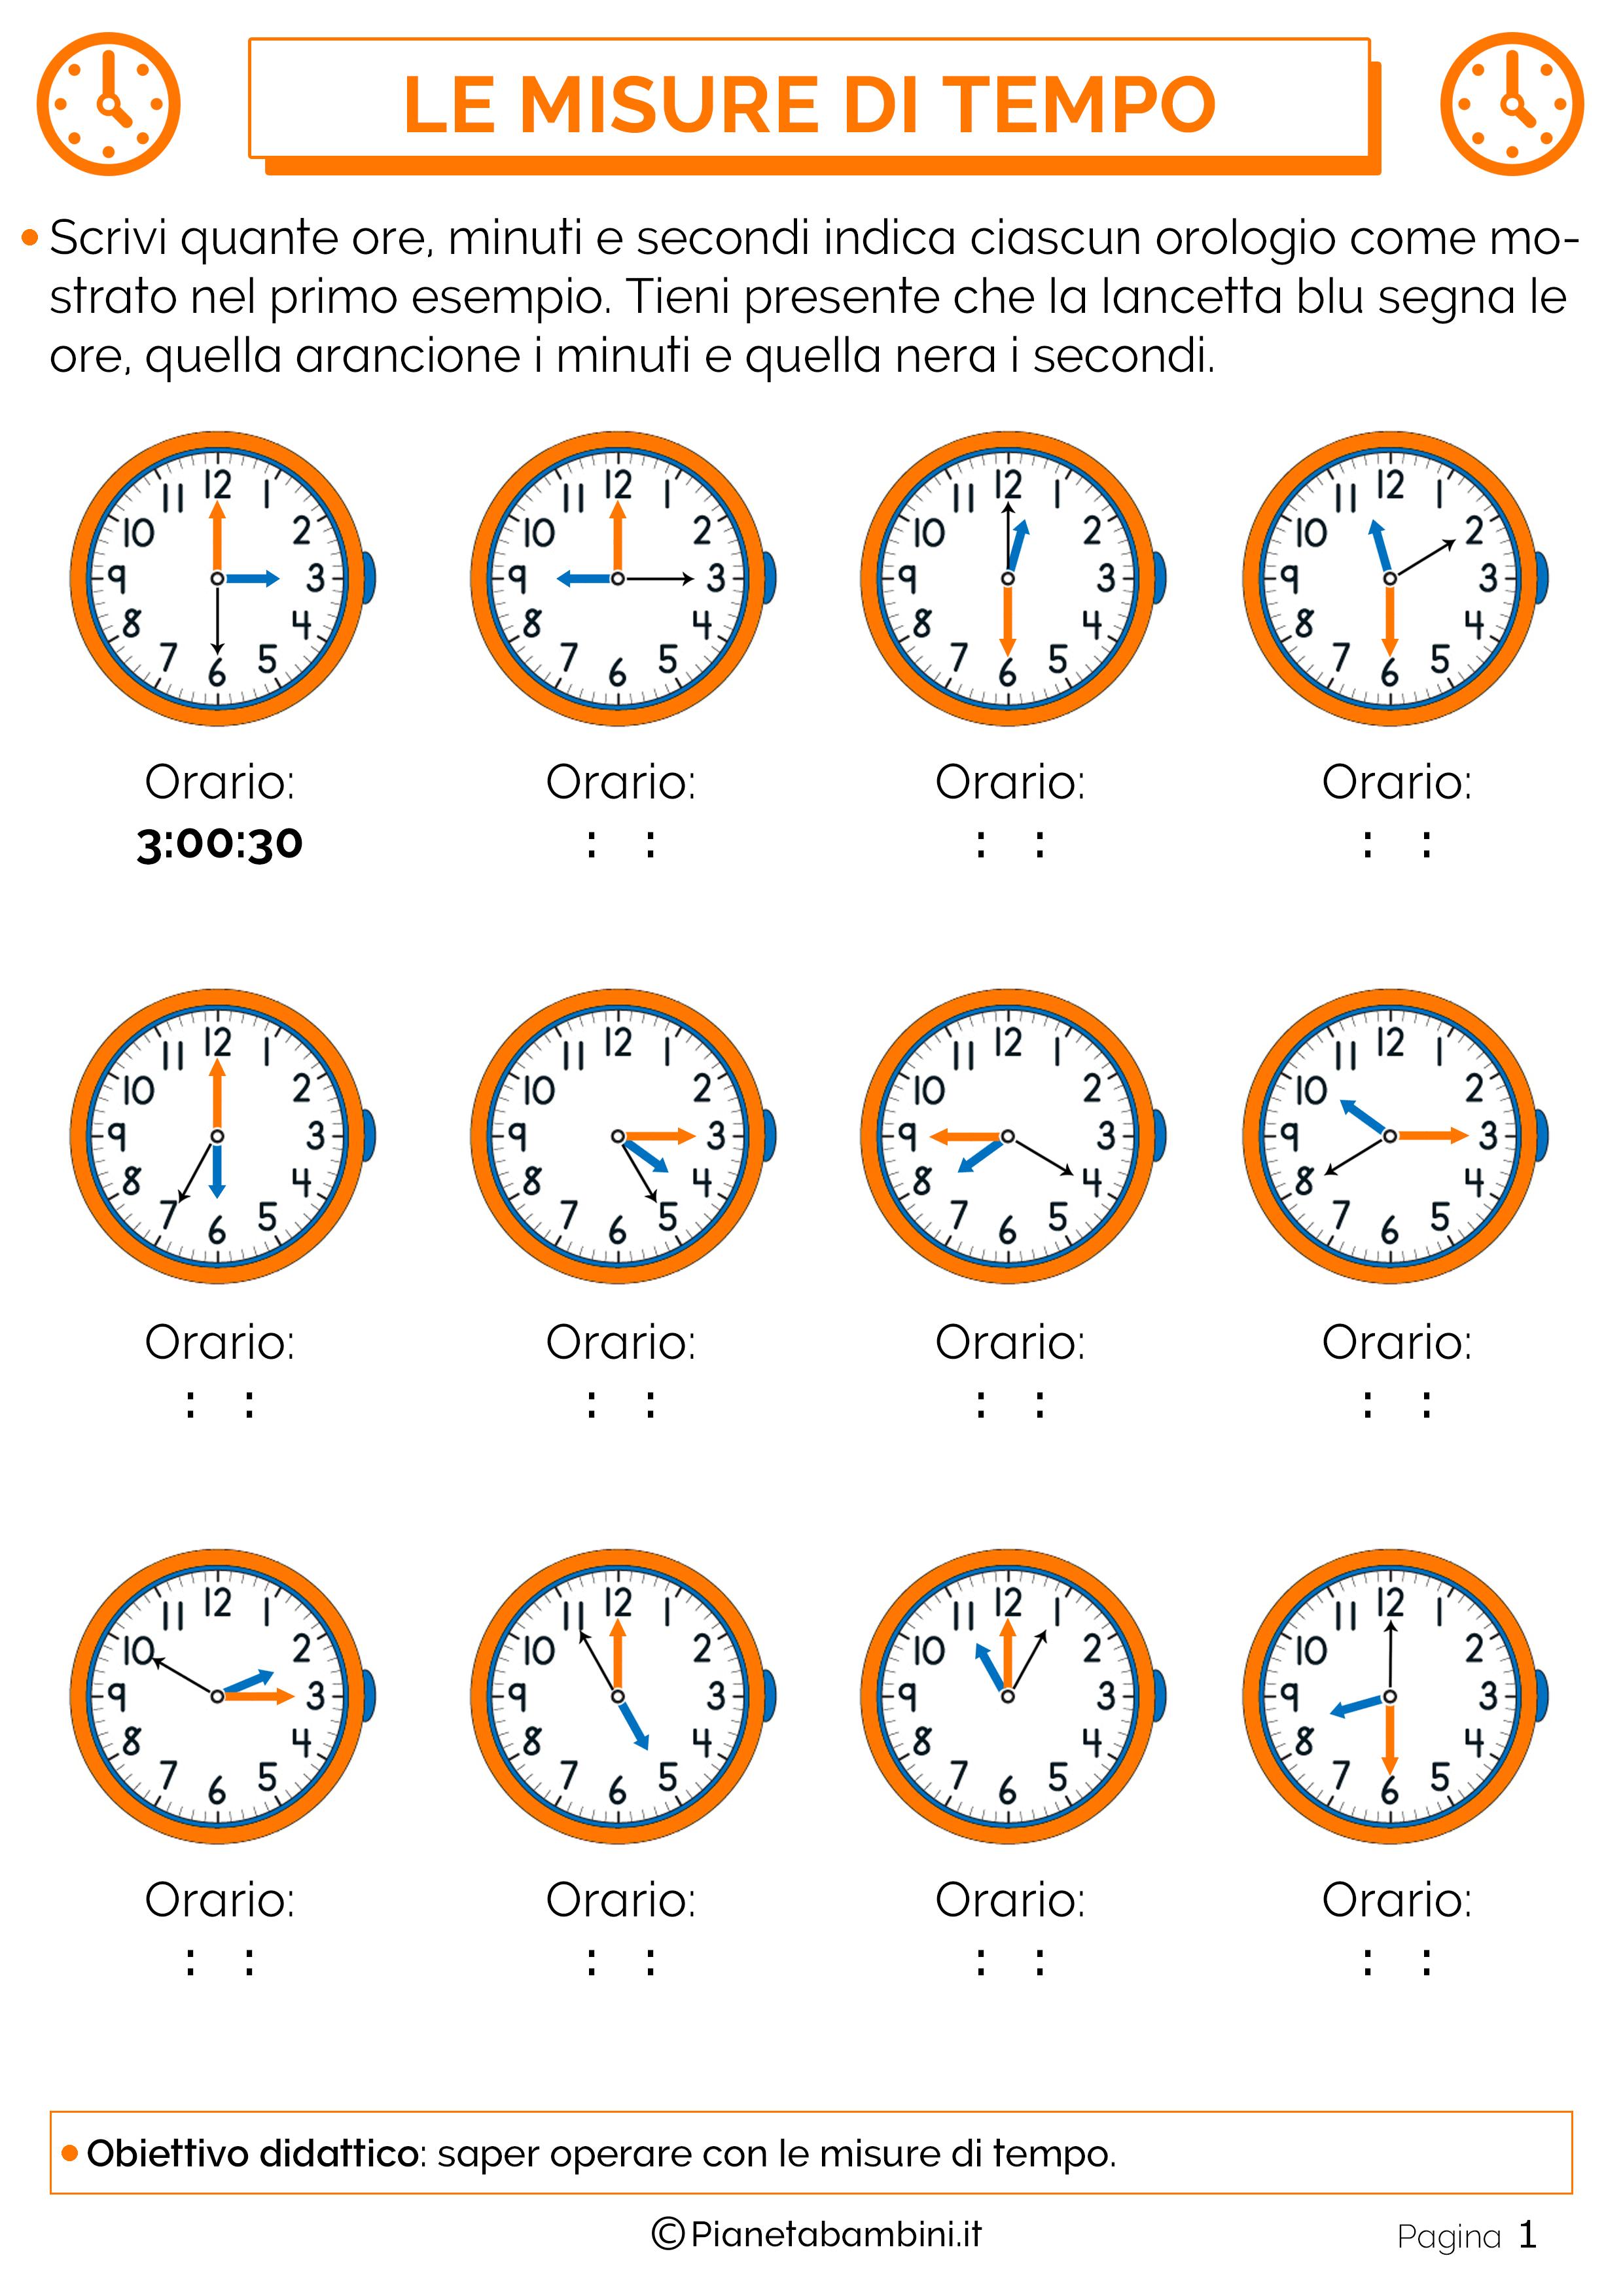 Eccezionale Tabella ed Esercizi sulle Misure di Tempo | PianetaBambini.it BL09